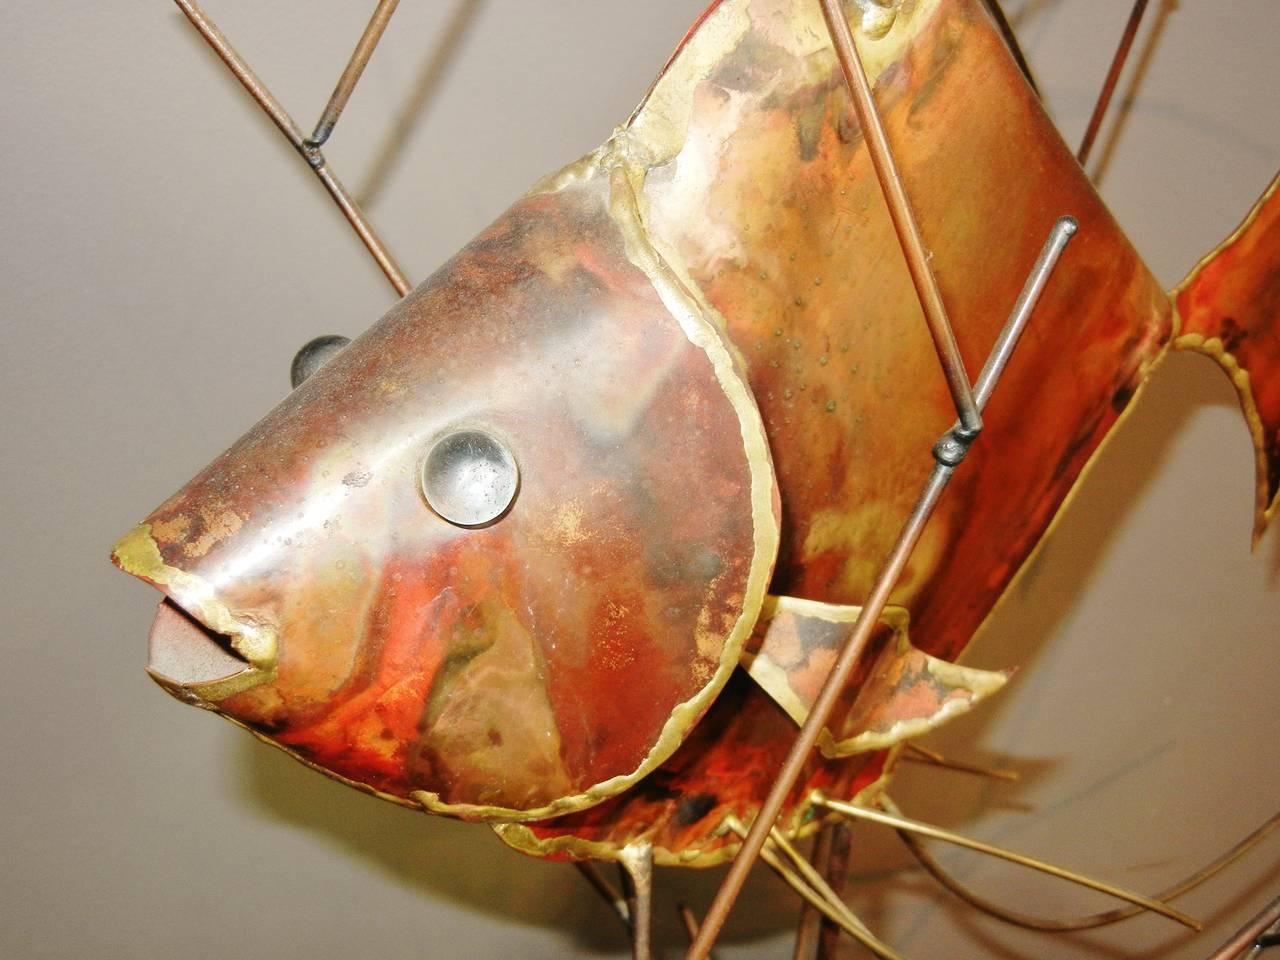 Brutalist Vintage Copper Large Table-Top Fish Sculpture, Alex Kovacs, 1976 For Sale